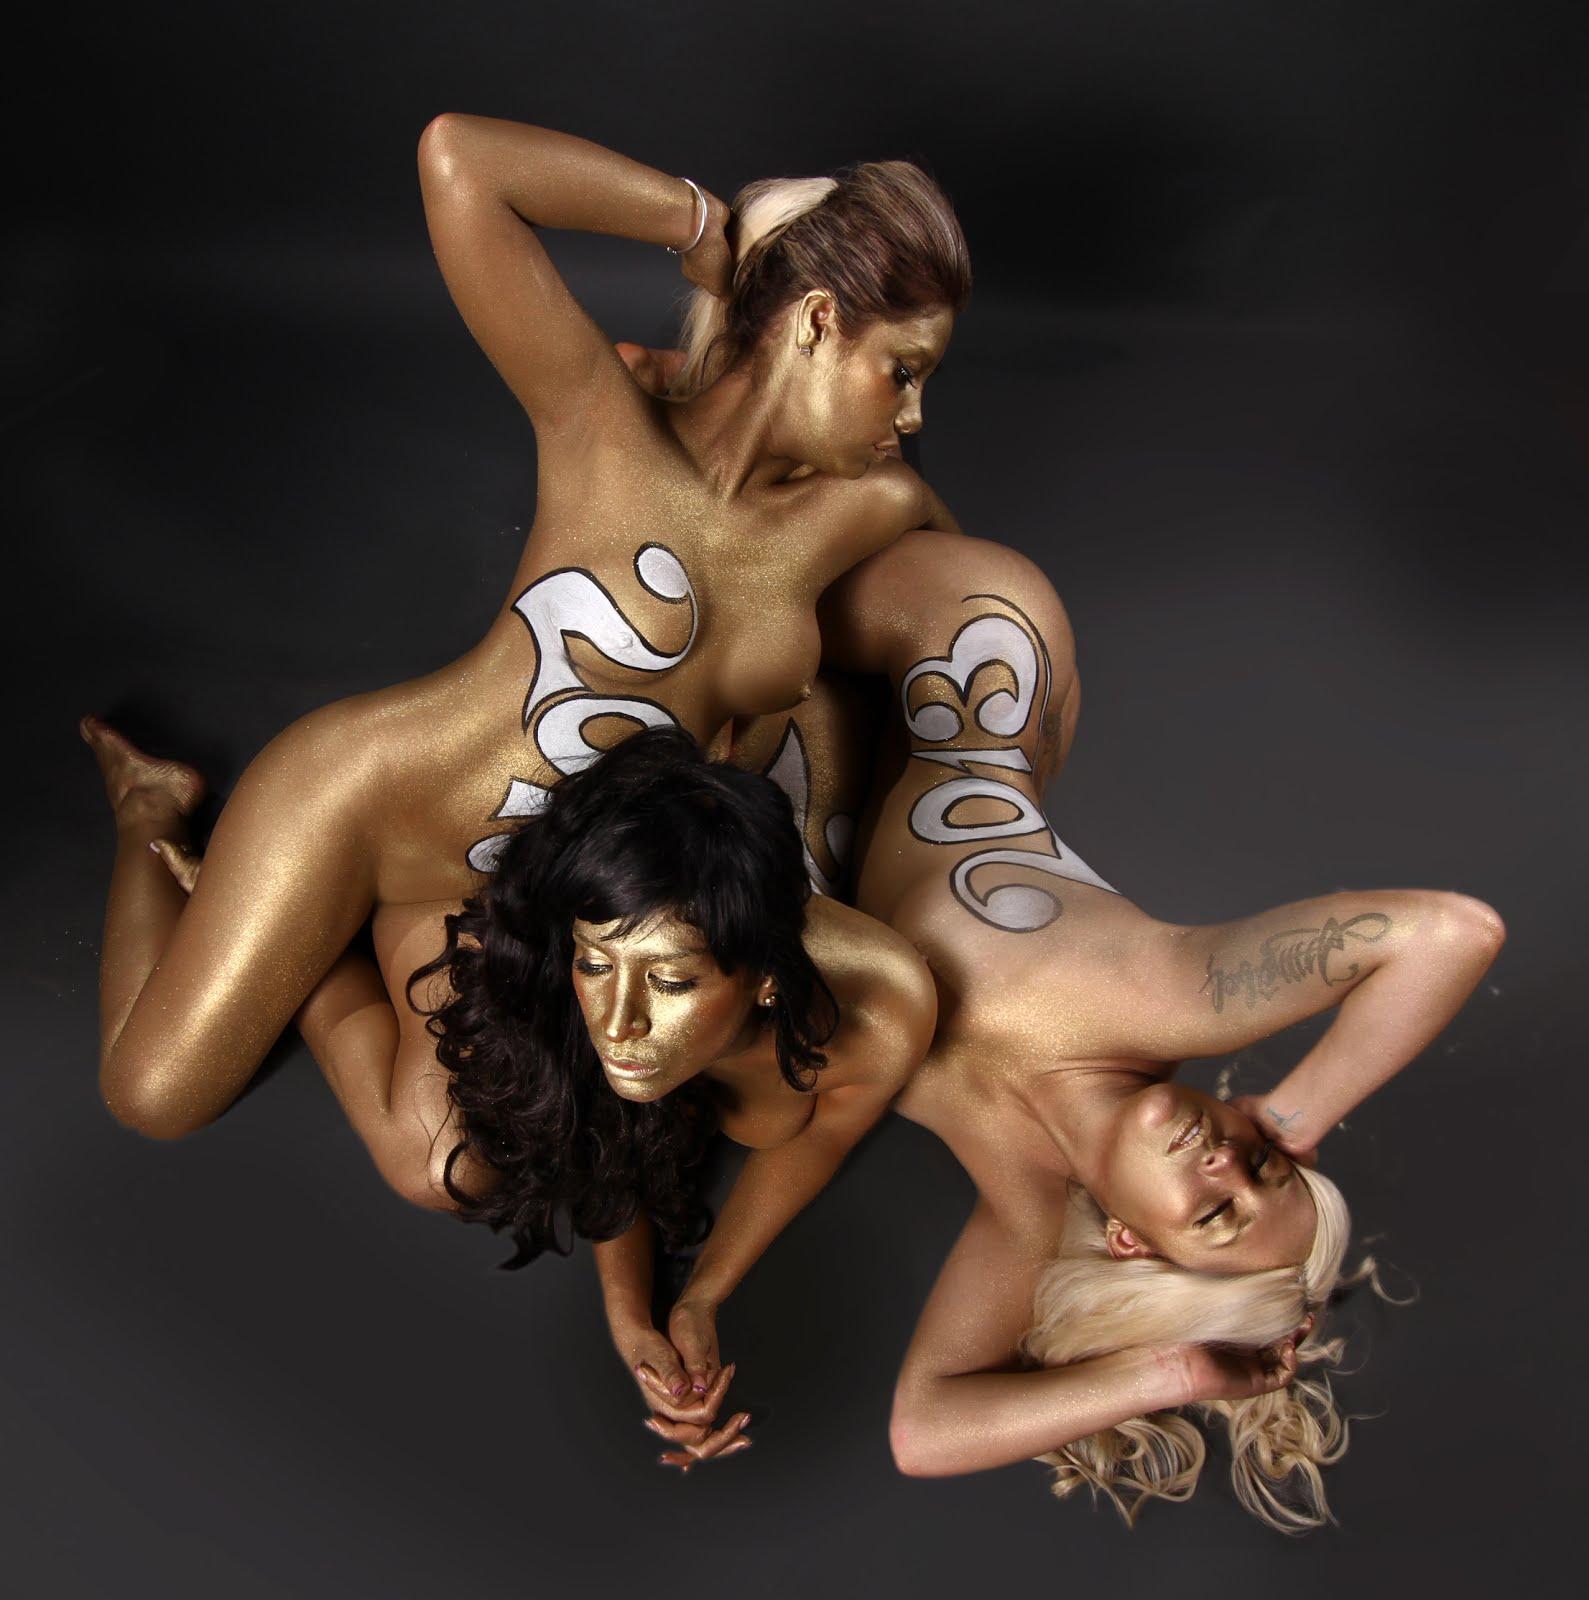 chicas desnudad videos porno de negros